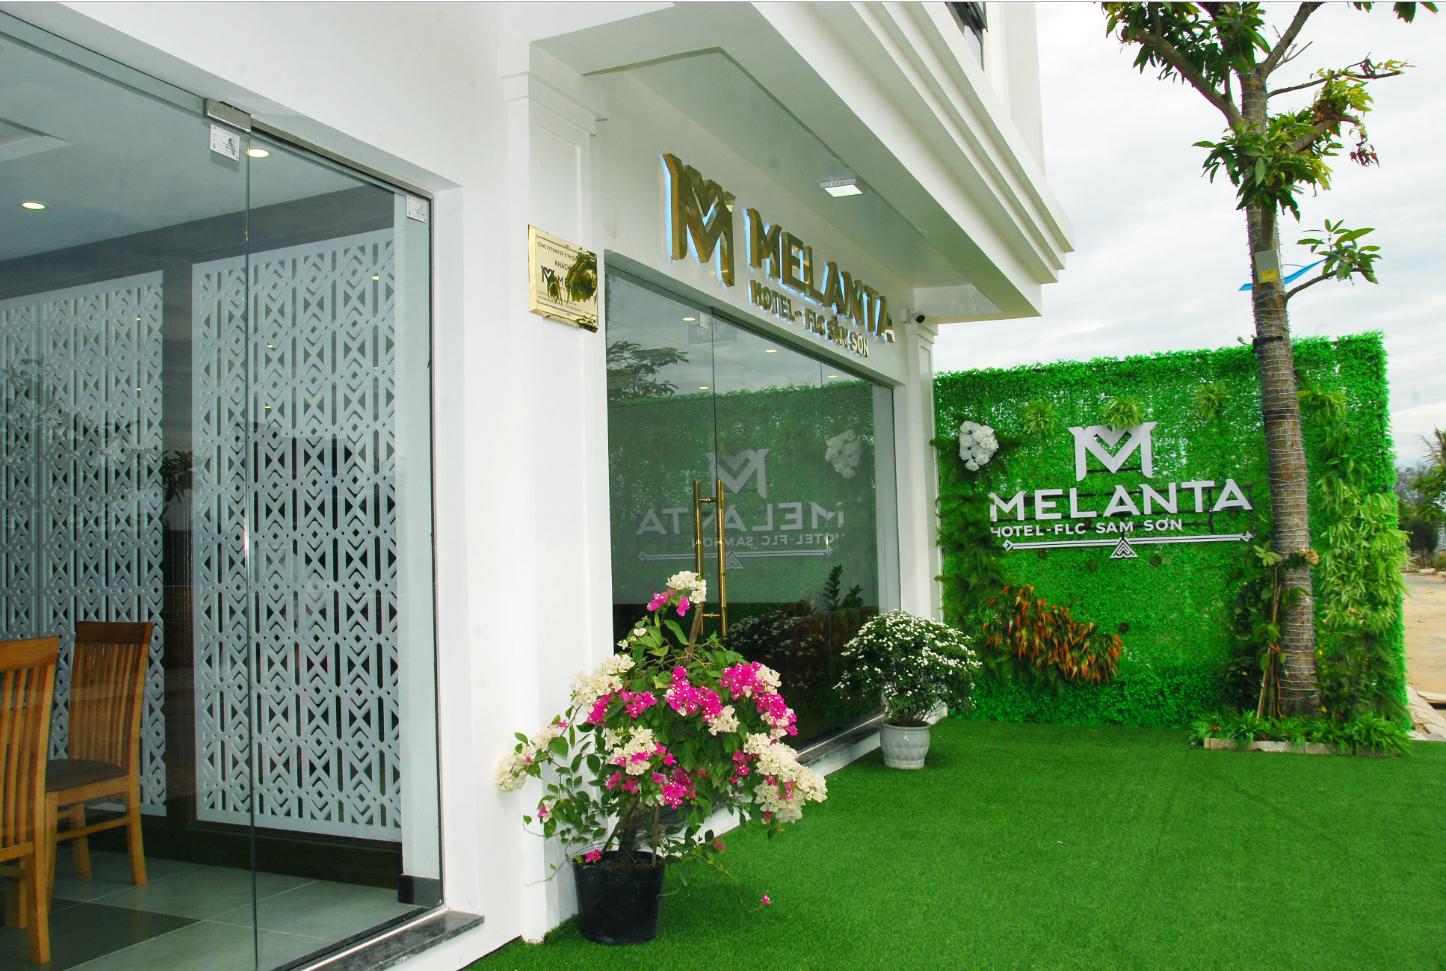 Melanta Hotel